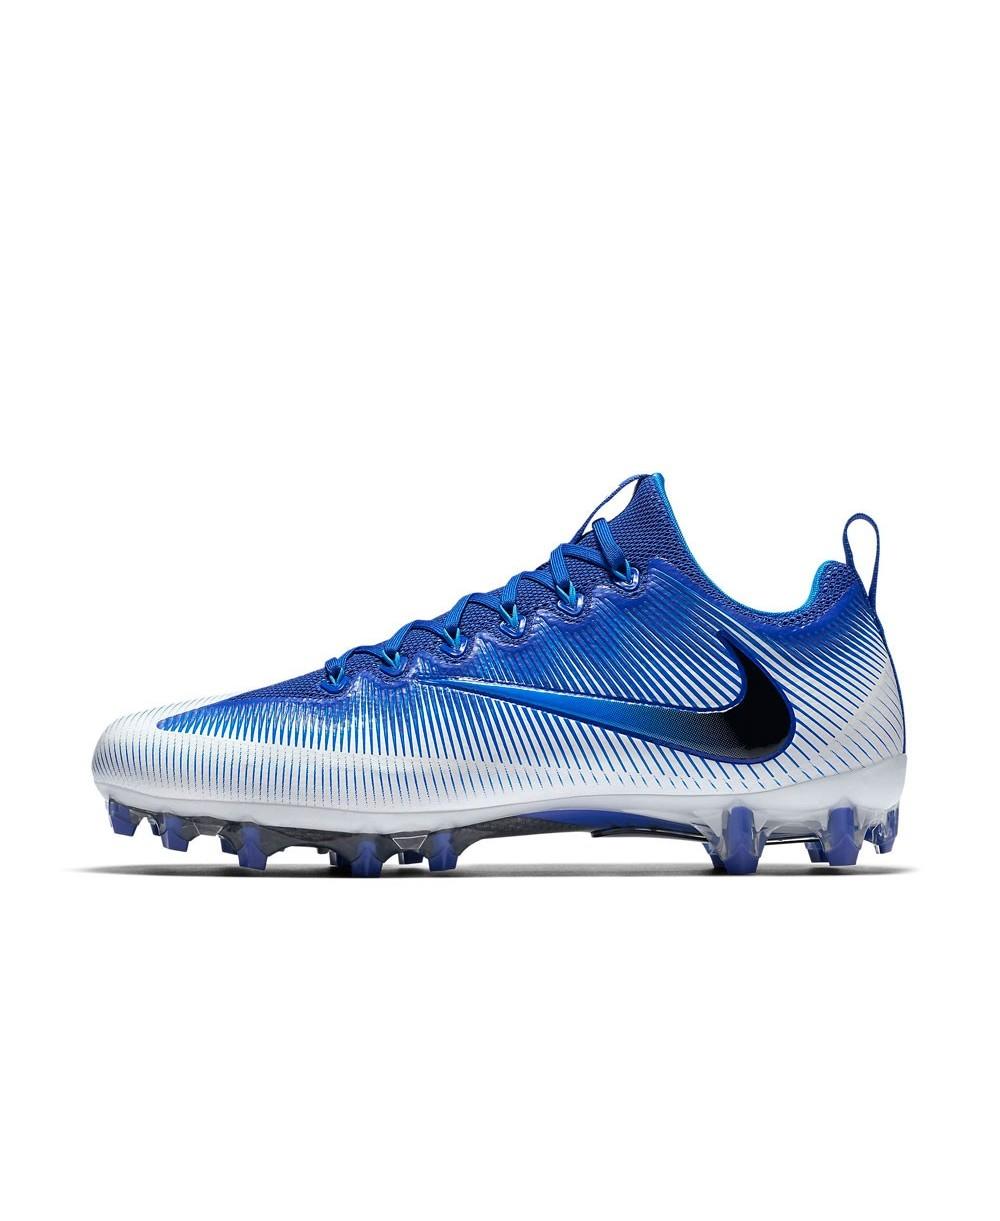 9dc30d9efcb Men's Vapor Untouchable Pro American Football Cleats Blue/White